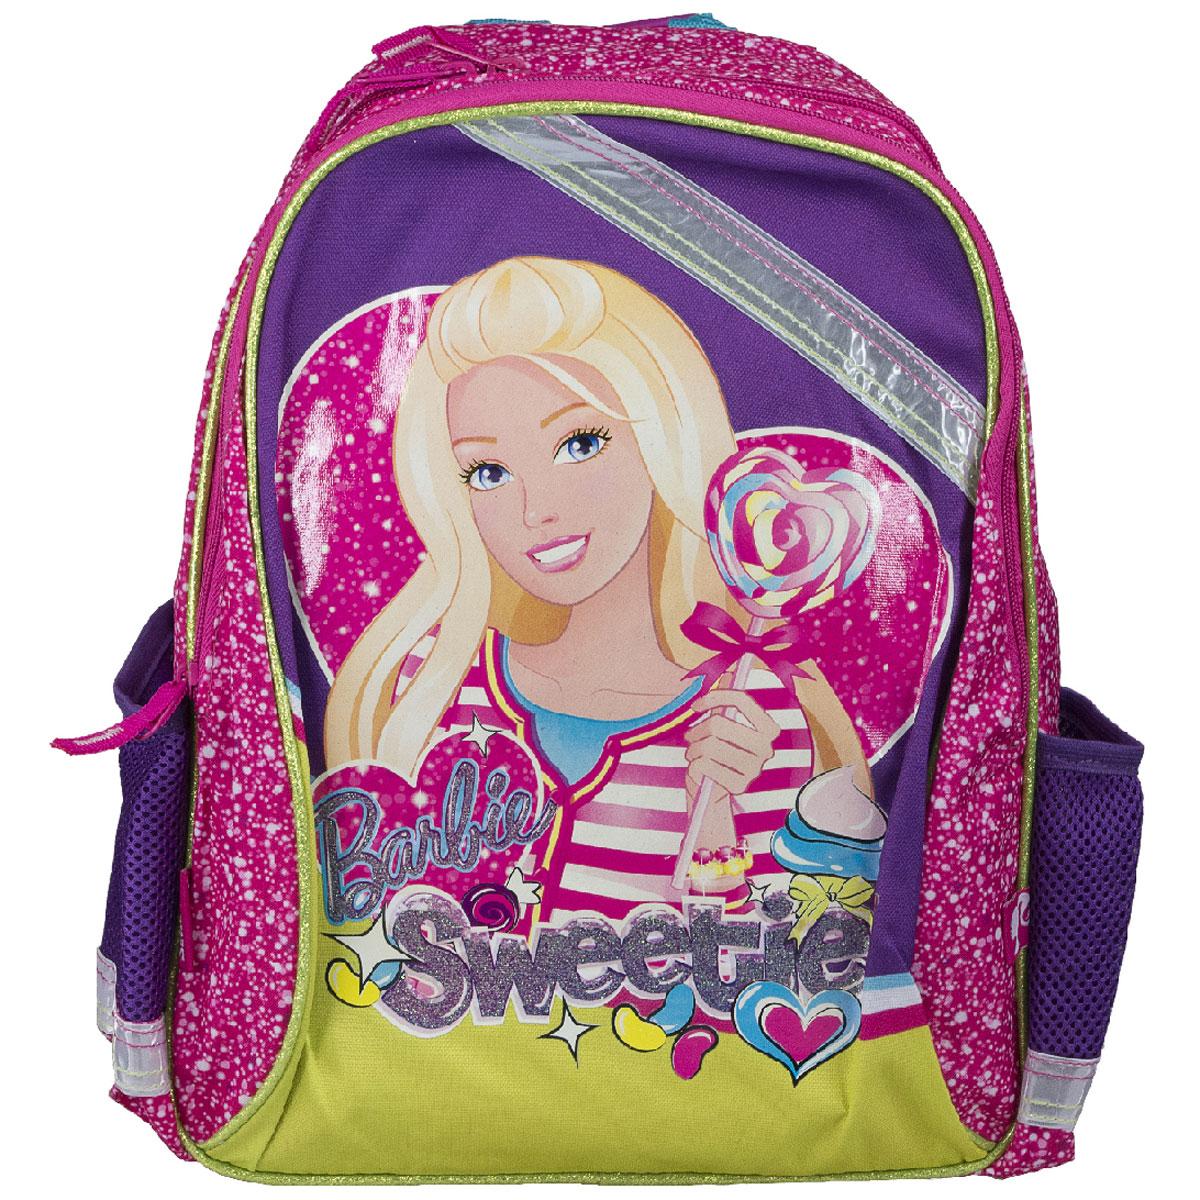 Рюкзак школьный Barbie Sweetie, цвет: розовый, фиолетовый. BRCB-MT1-977BRCB-MT1-977Рюкзак школьный Barbie Sweetie обязательно понравится вашей школьнице. Выполнен из прочных и высококачественных материалов, дополнен изображением очаровательной Барби. Содержит два вместительных отделения, закрывающиеся на застежки-молнии. В большом отделении находится перегородка для тетрадей или учебников. Дно рюкзака можно сделать жестким, разложив специальную панель с пластиковой вставкой, что повышает сохранность содержимого рюкзака и способствует правильному распределению нагрузки. По бокам расположены два накладных кармана-сетка. Конструкция спинки дополнена противоскользящей сеточкой и системой вентиляции для предотвращения запотевания спины ребенка. Мягкие широкие лямки позволяют легко и быстро отрегулировать рюкзак в соответствии с ростом. Рюкзак оснащен эргономичной ручкой для удобной переноски в руке. Светоотражающие элементы обеспечивают безопасность в темное время суток. Такой школьный рюкзак станет незаменимым спутником вашего ребенка в походах...